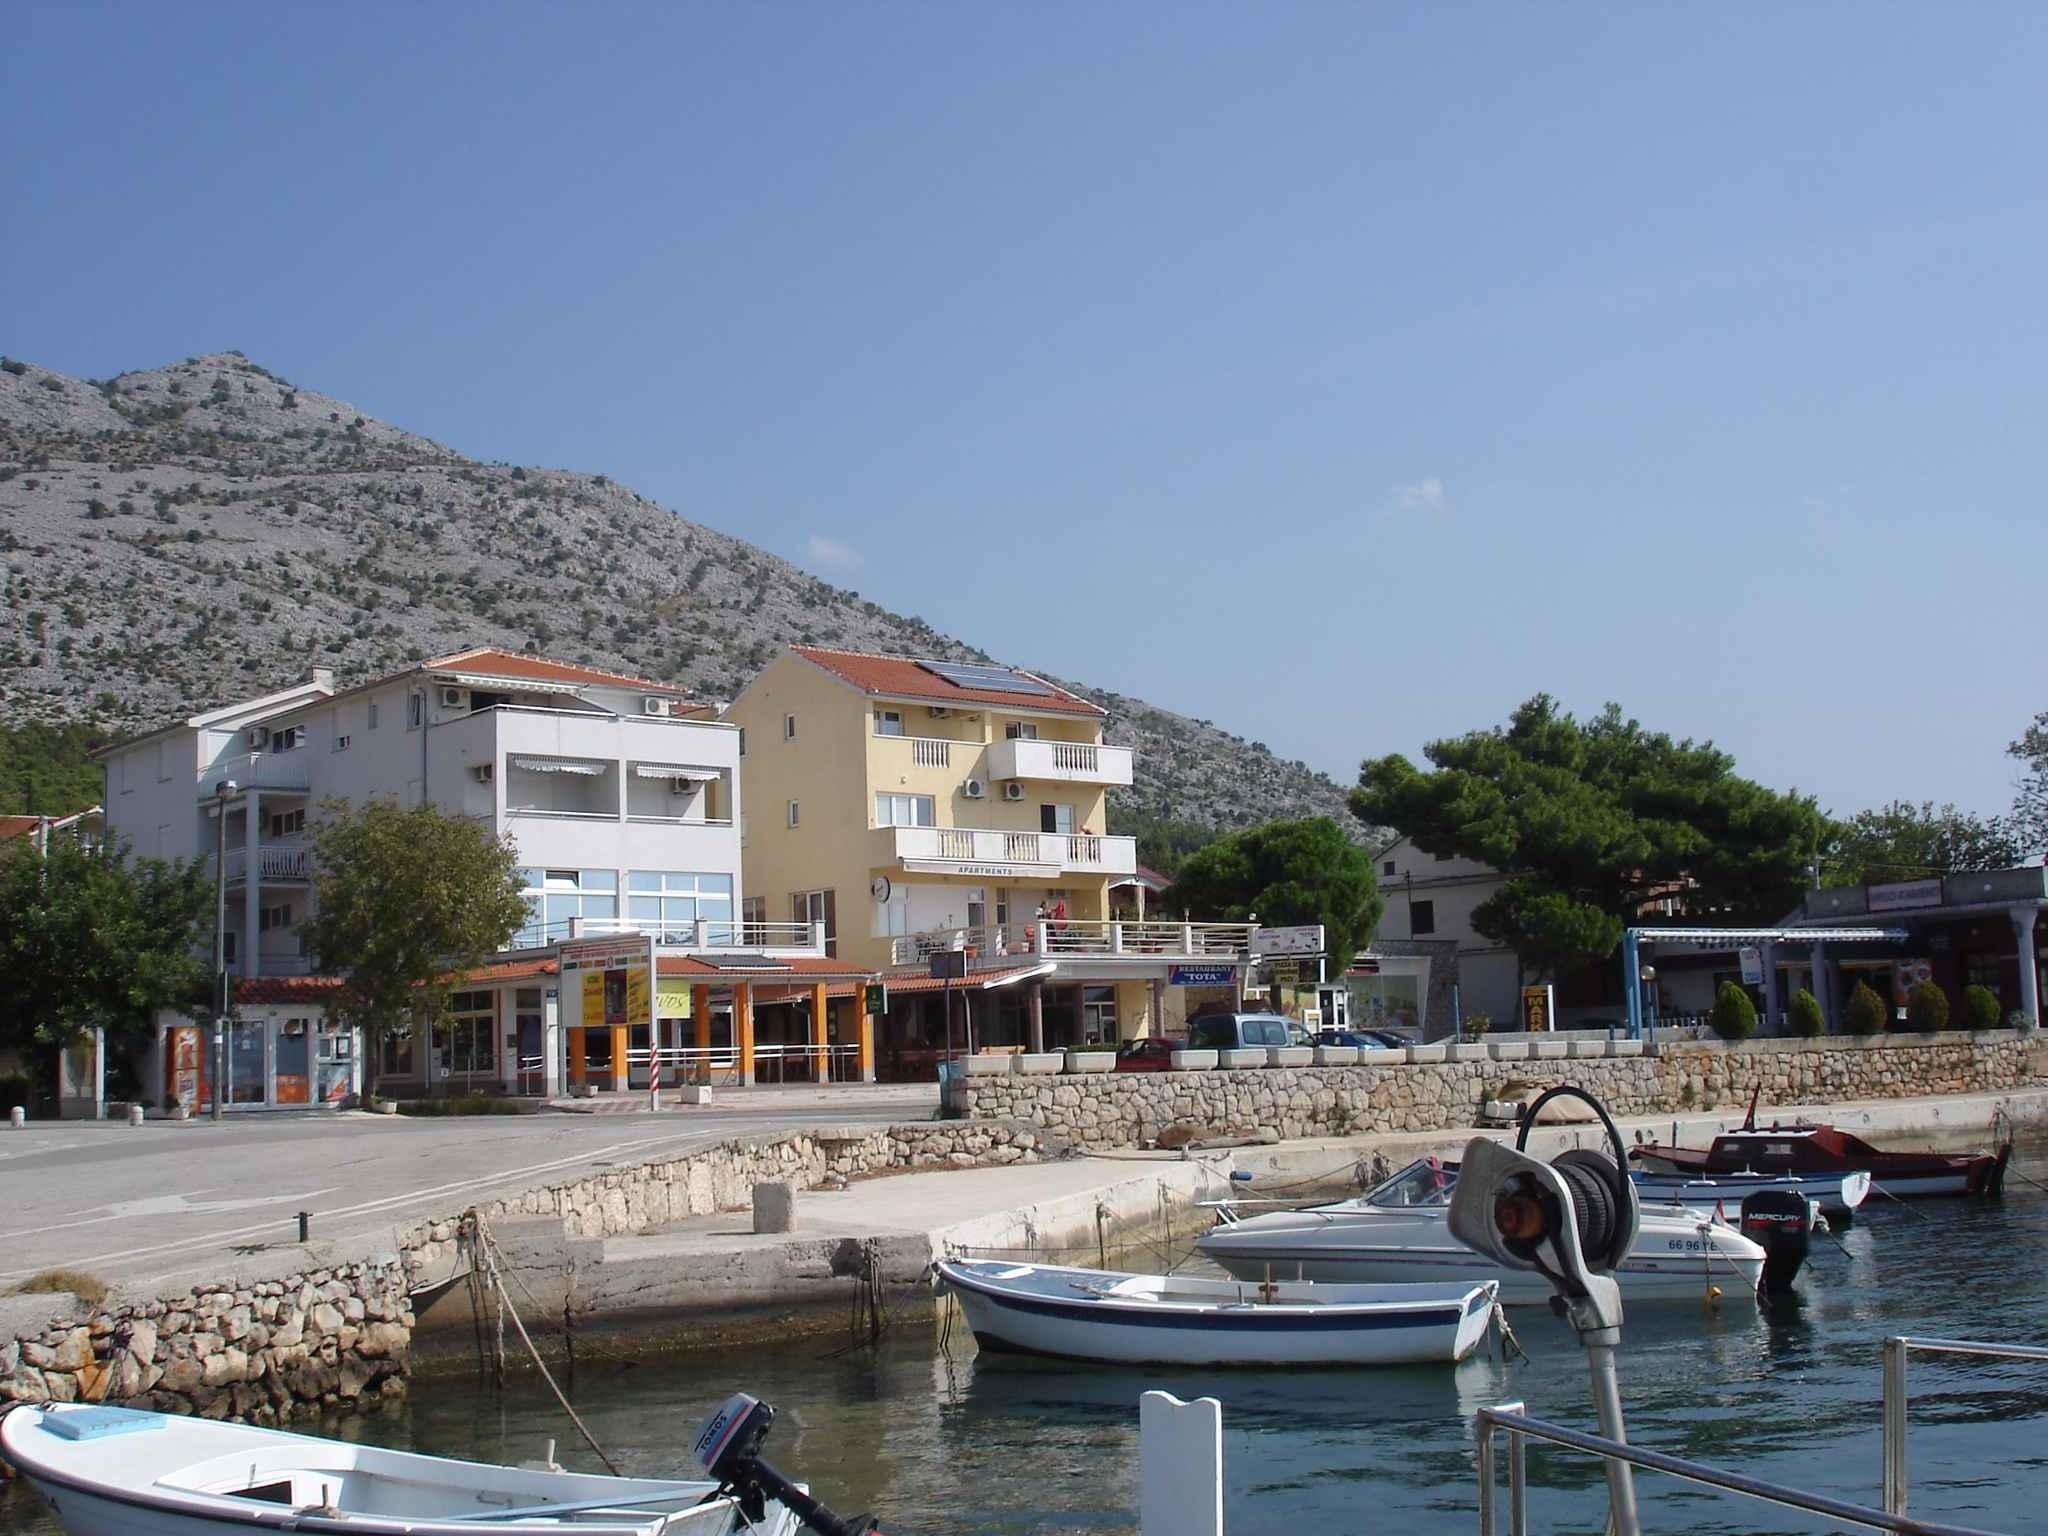 Ferienwohnung 50 m vom Meer und nahe des Nationalparks Paklenica (319351), Starigrad Paklenica, , Dalmatien, Kroatien, Bild 1